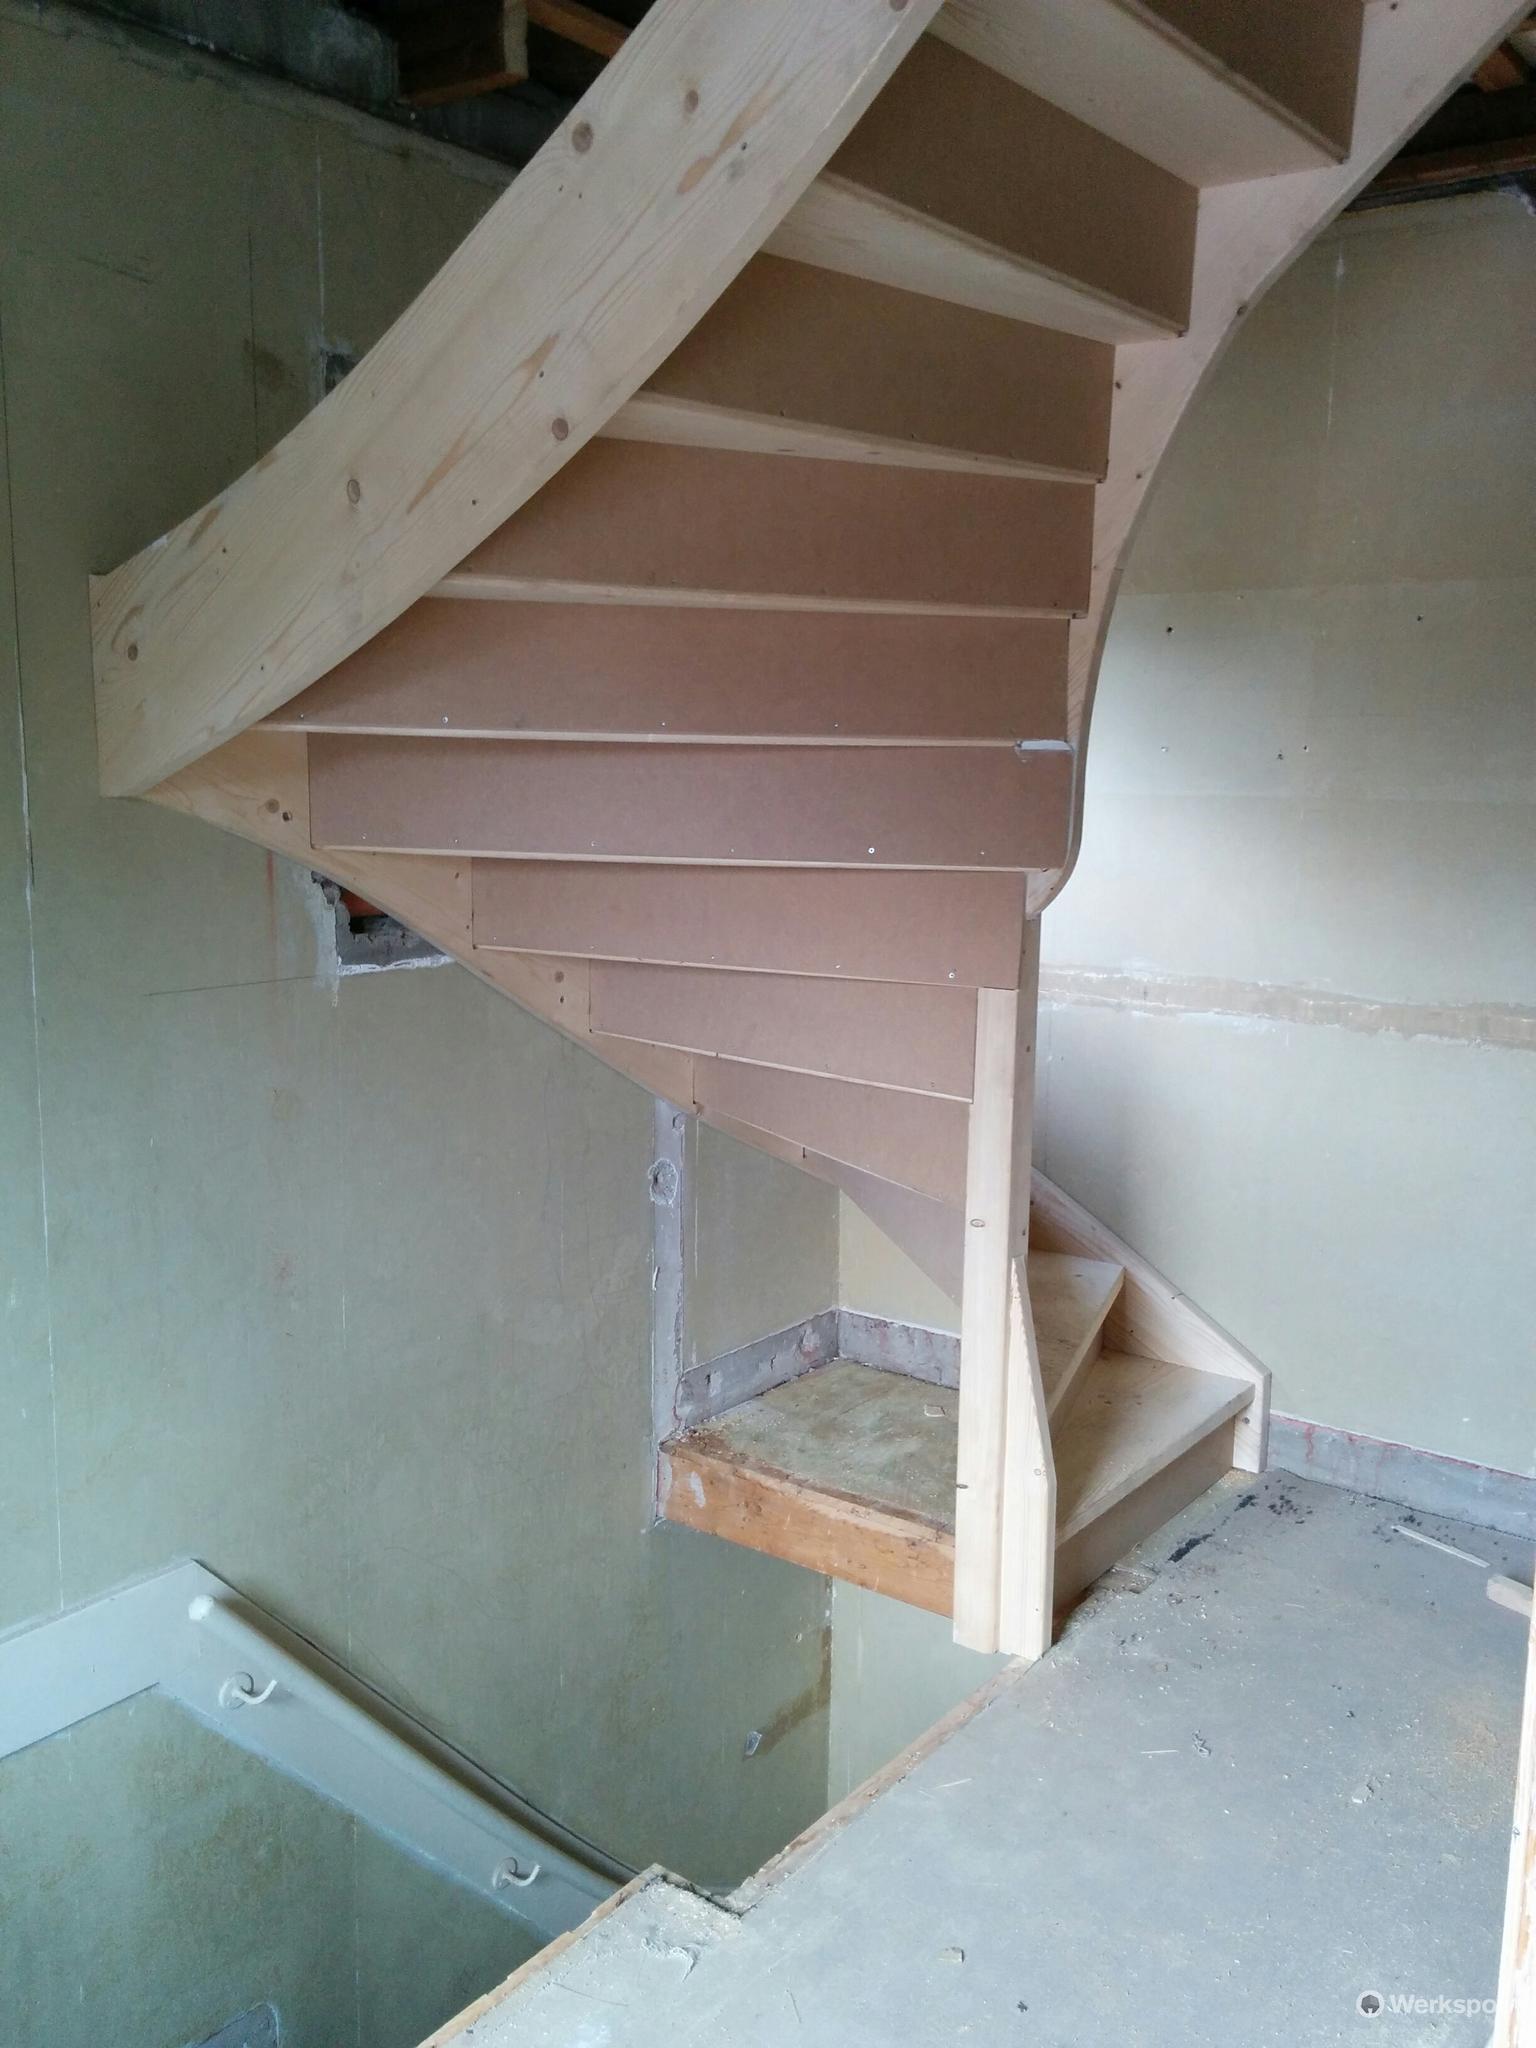 Plaatsen trap eerste etage naar zolder werkspot for Trap plaatsen naar zolder